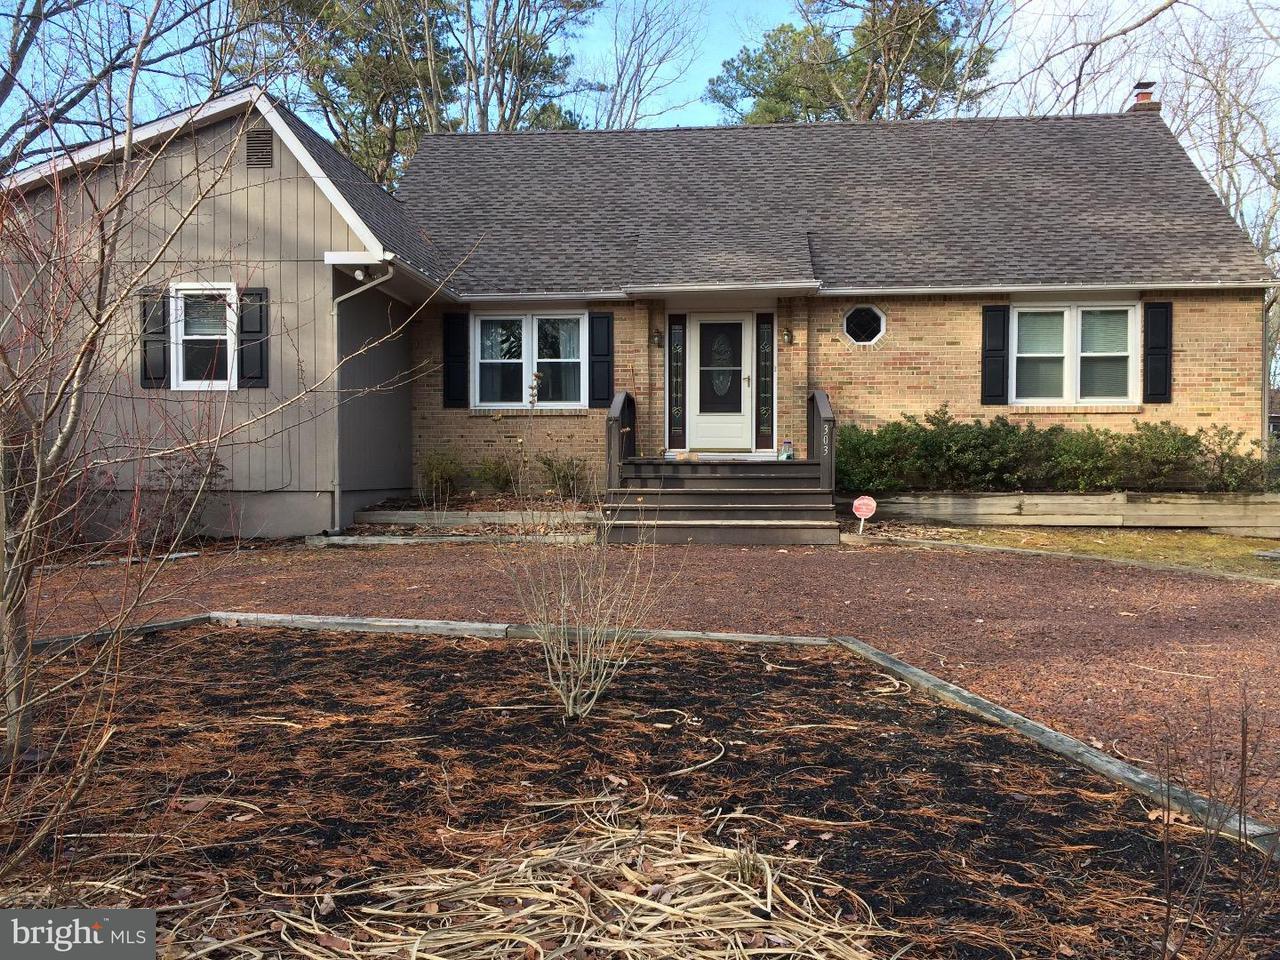 Частный односемейный дом для того Аренда на 303 CHERRY Road Evesham Twp, Нью-Джерси 08053 Соединенные Штаты